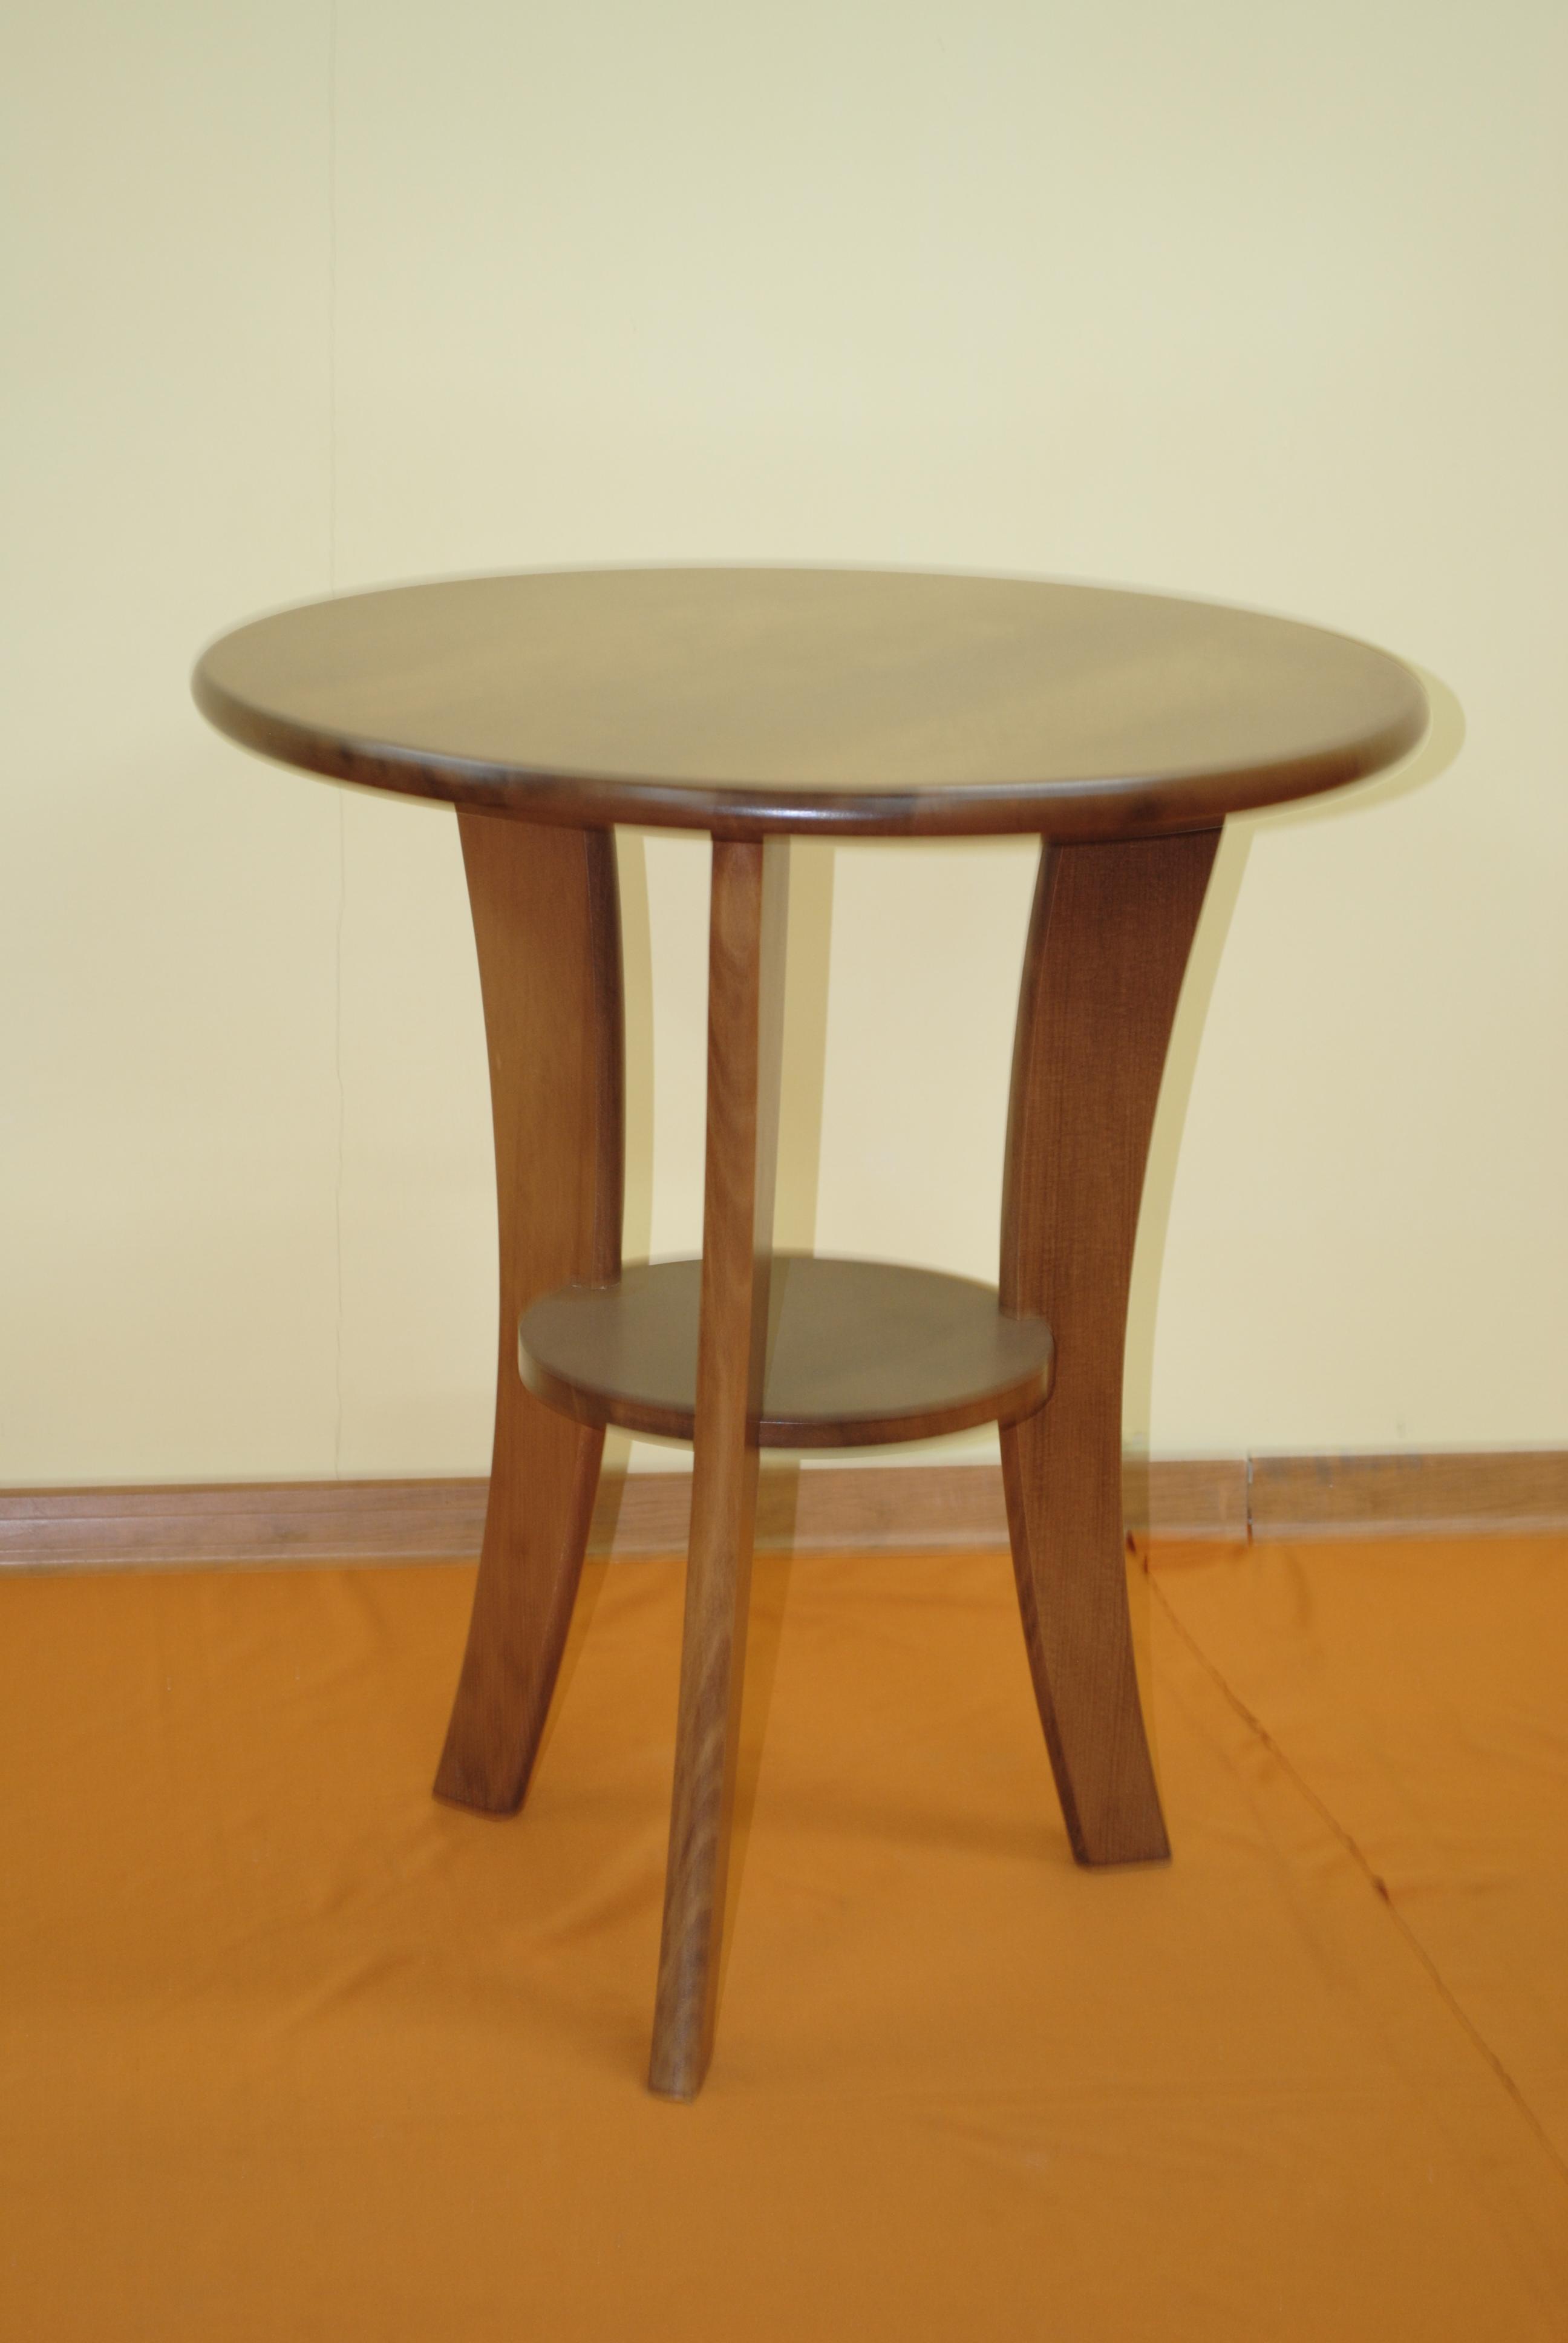 stolik - zdjęcie 26